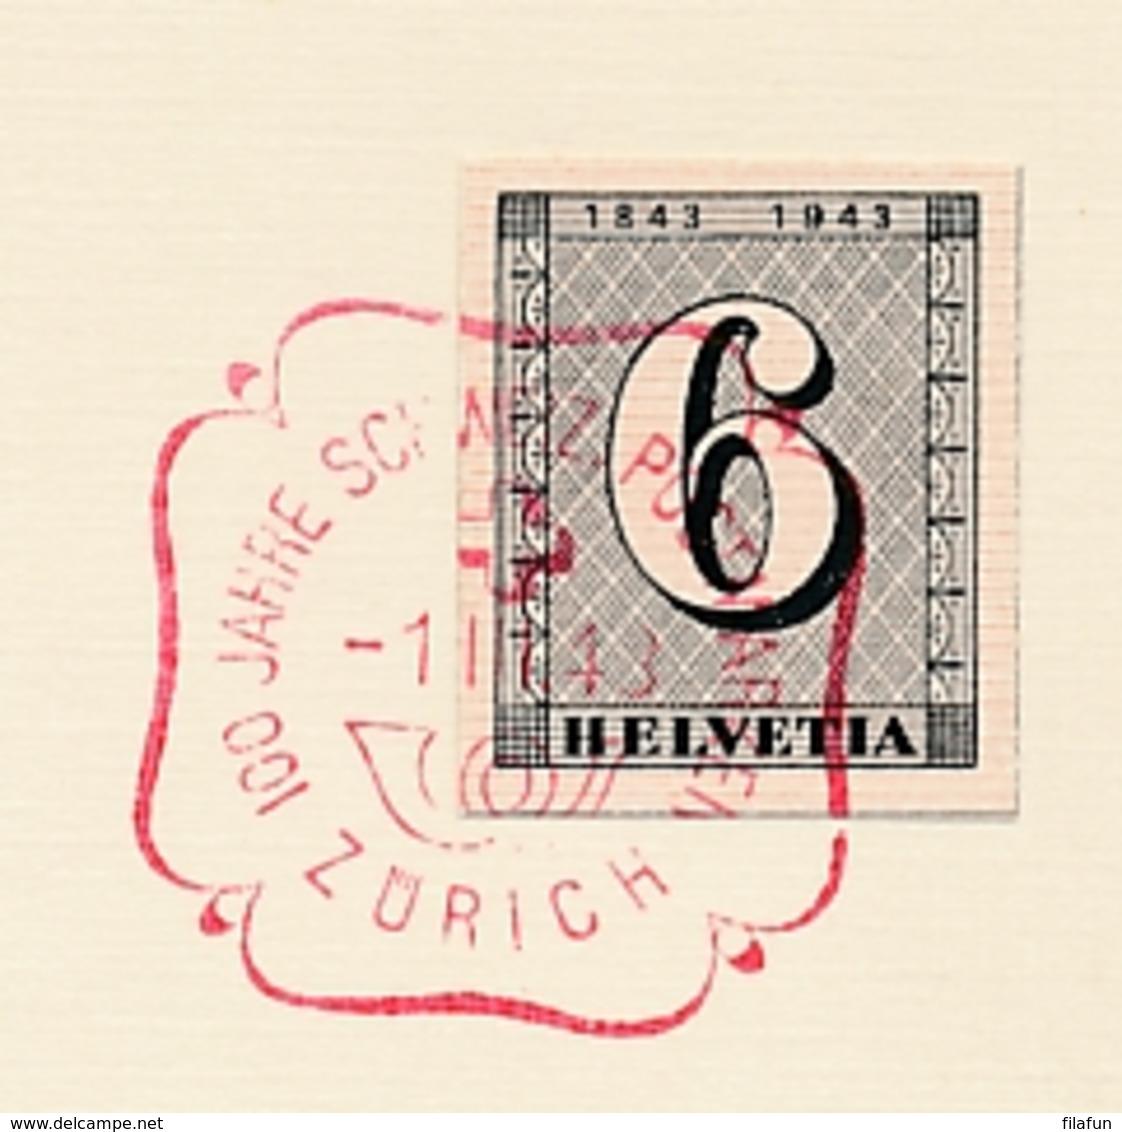 Schweiz - 1943 - 6c Stamp From Block Cancelled On Card - Briefe U. Dokumente